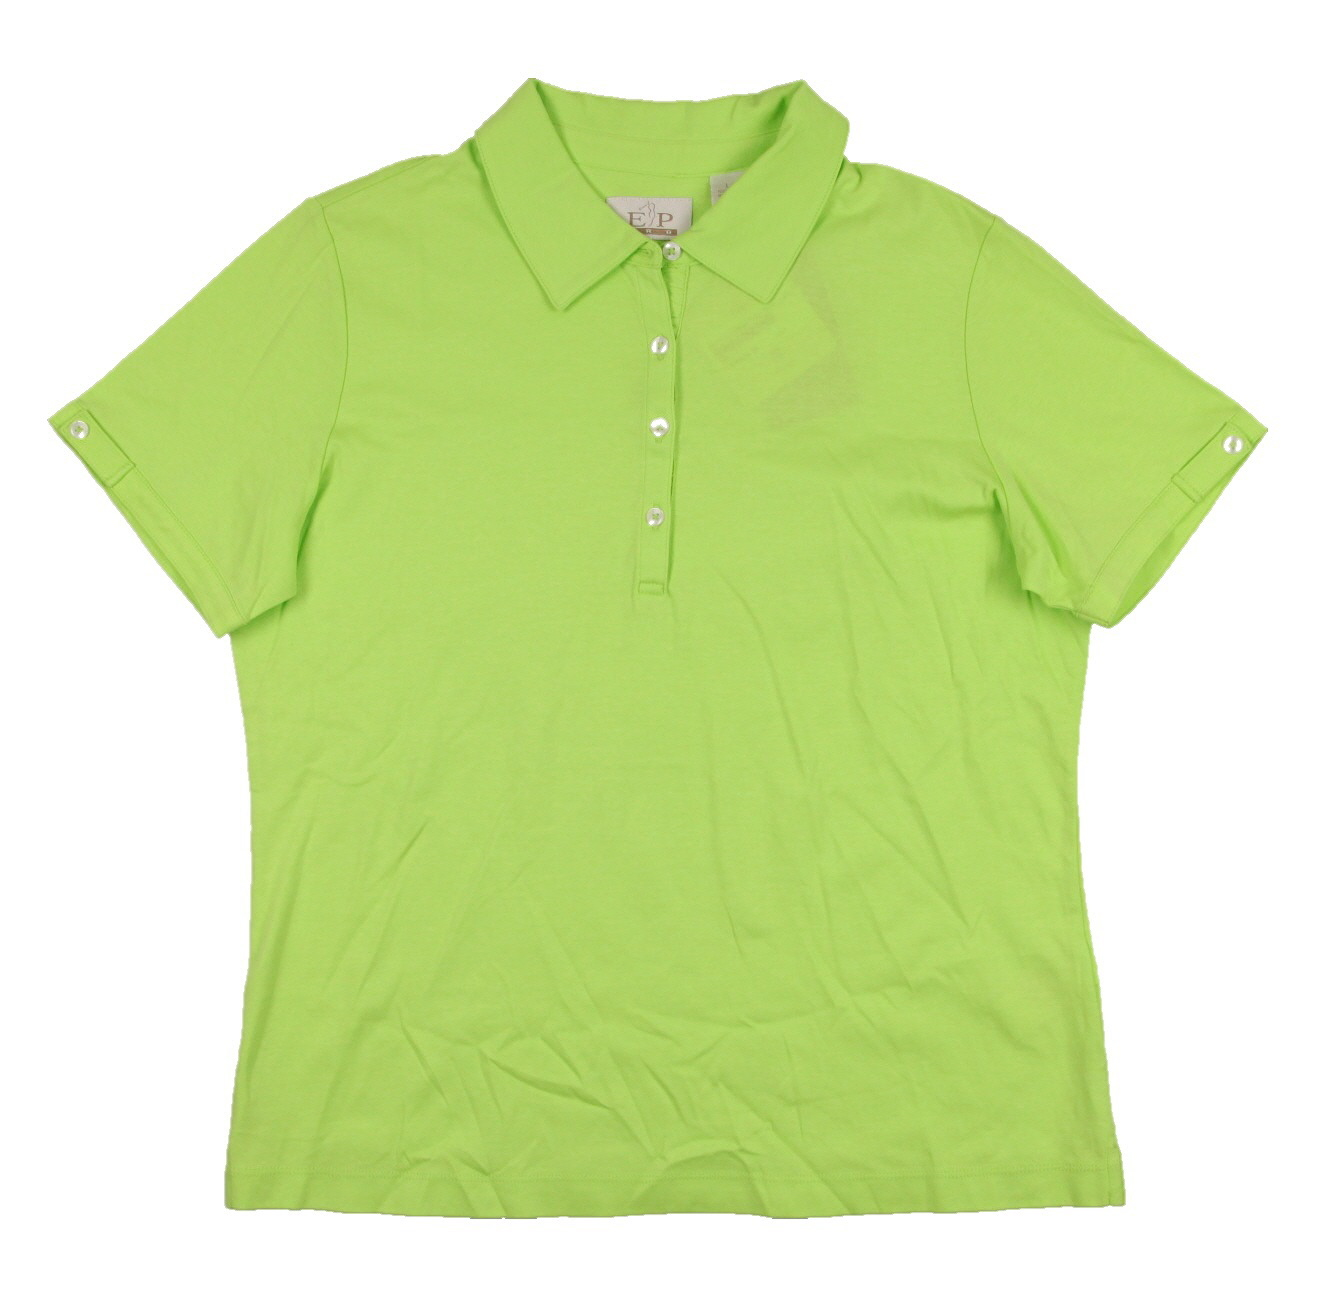 e96016ea6 ... house of fraser hugo boss polo shirts ...